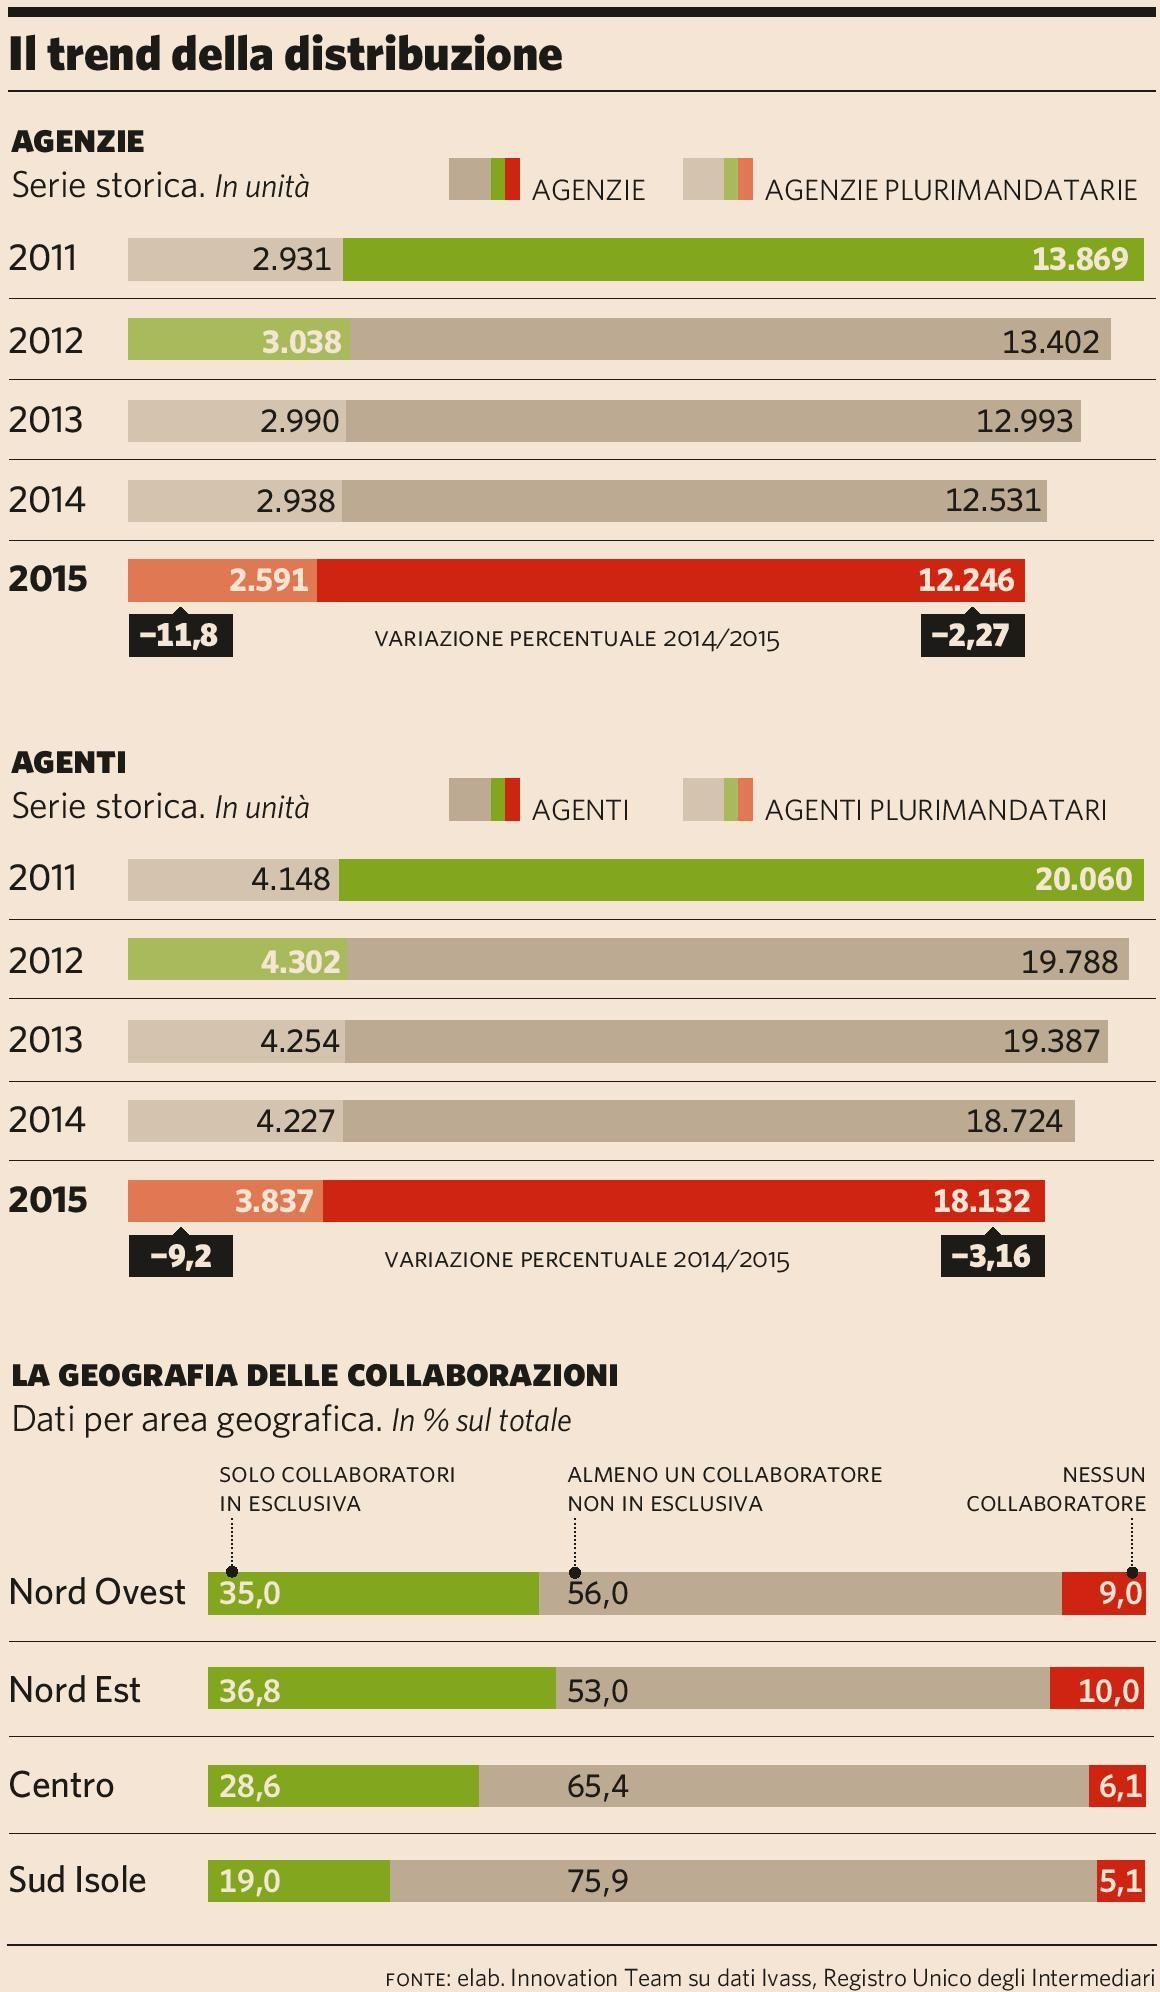 il-trend-della-distribuzione-plus24-24-12-2016-imc